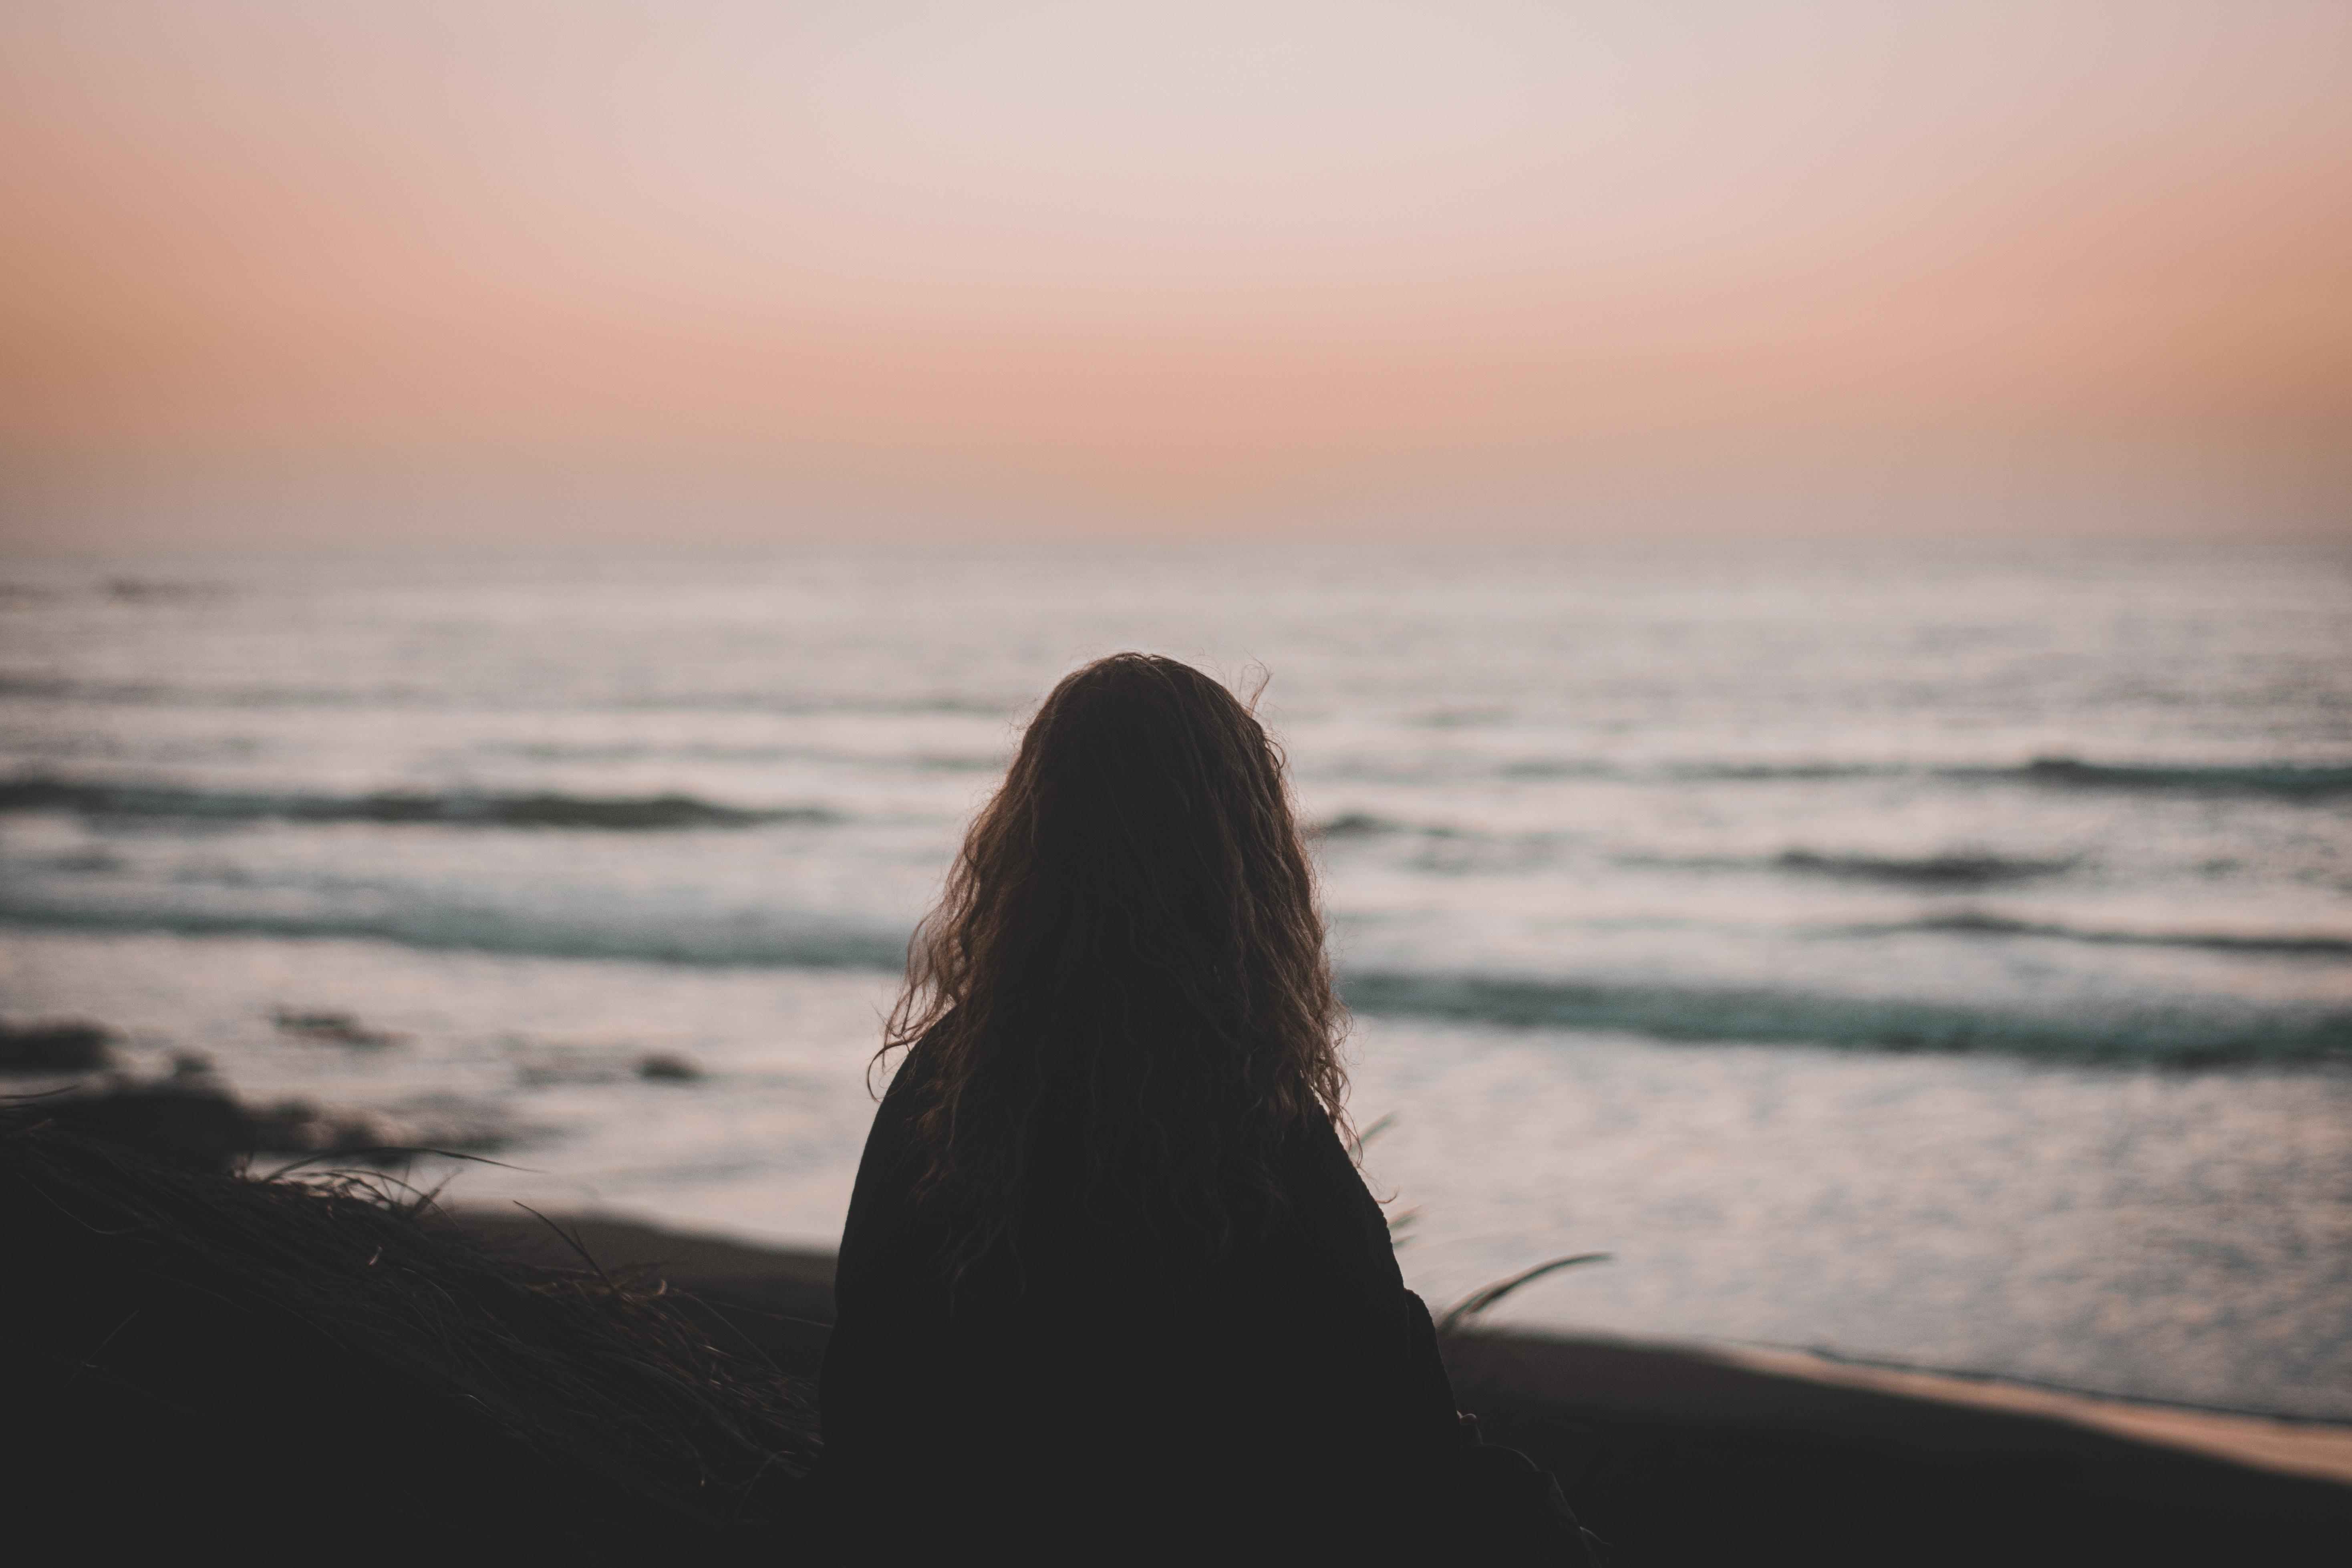 148437 скачать обои Разное, Девушка, Силуэт, Одиночество, Пляж, Темный - заставки и картинки бесплатно